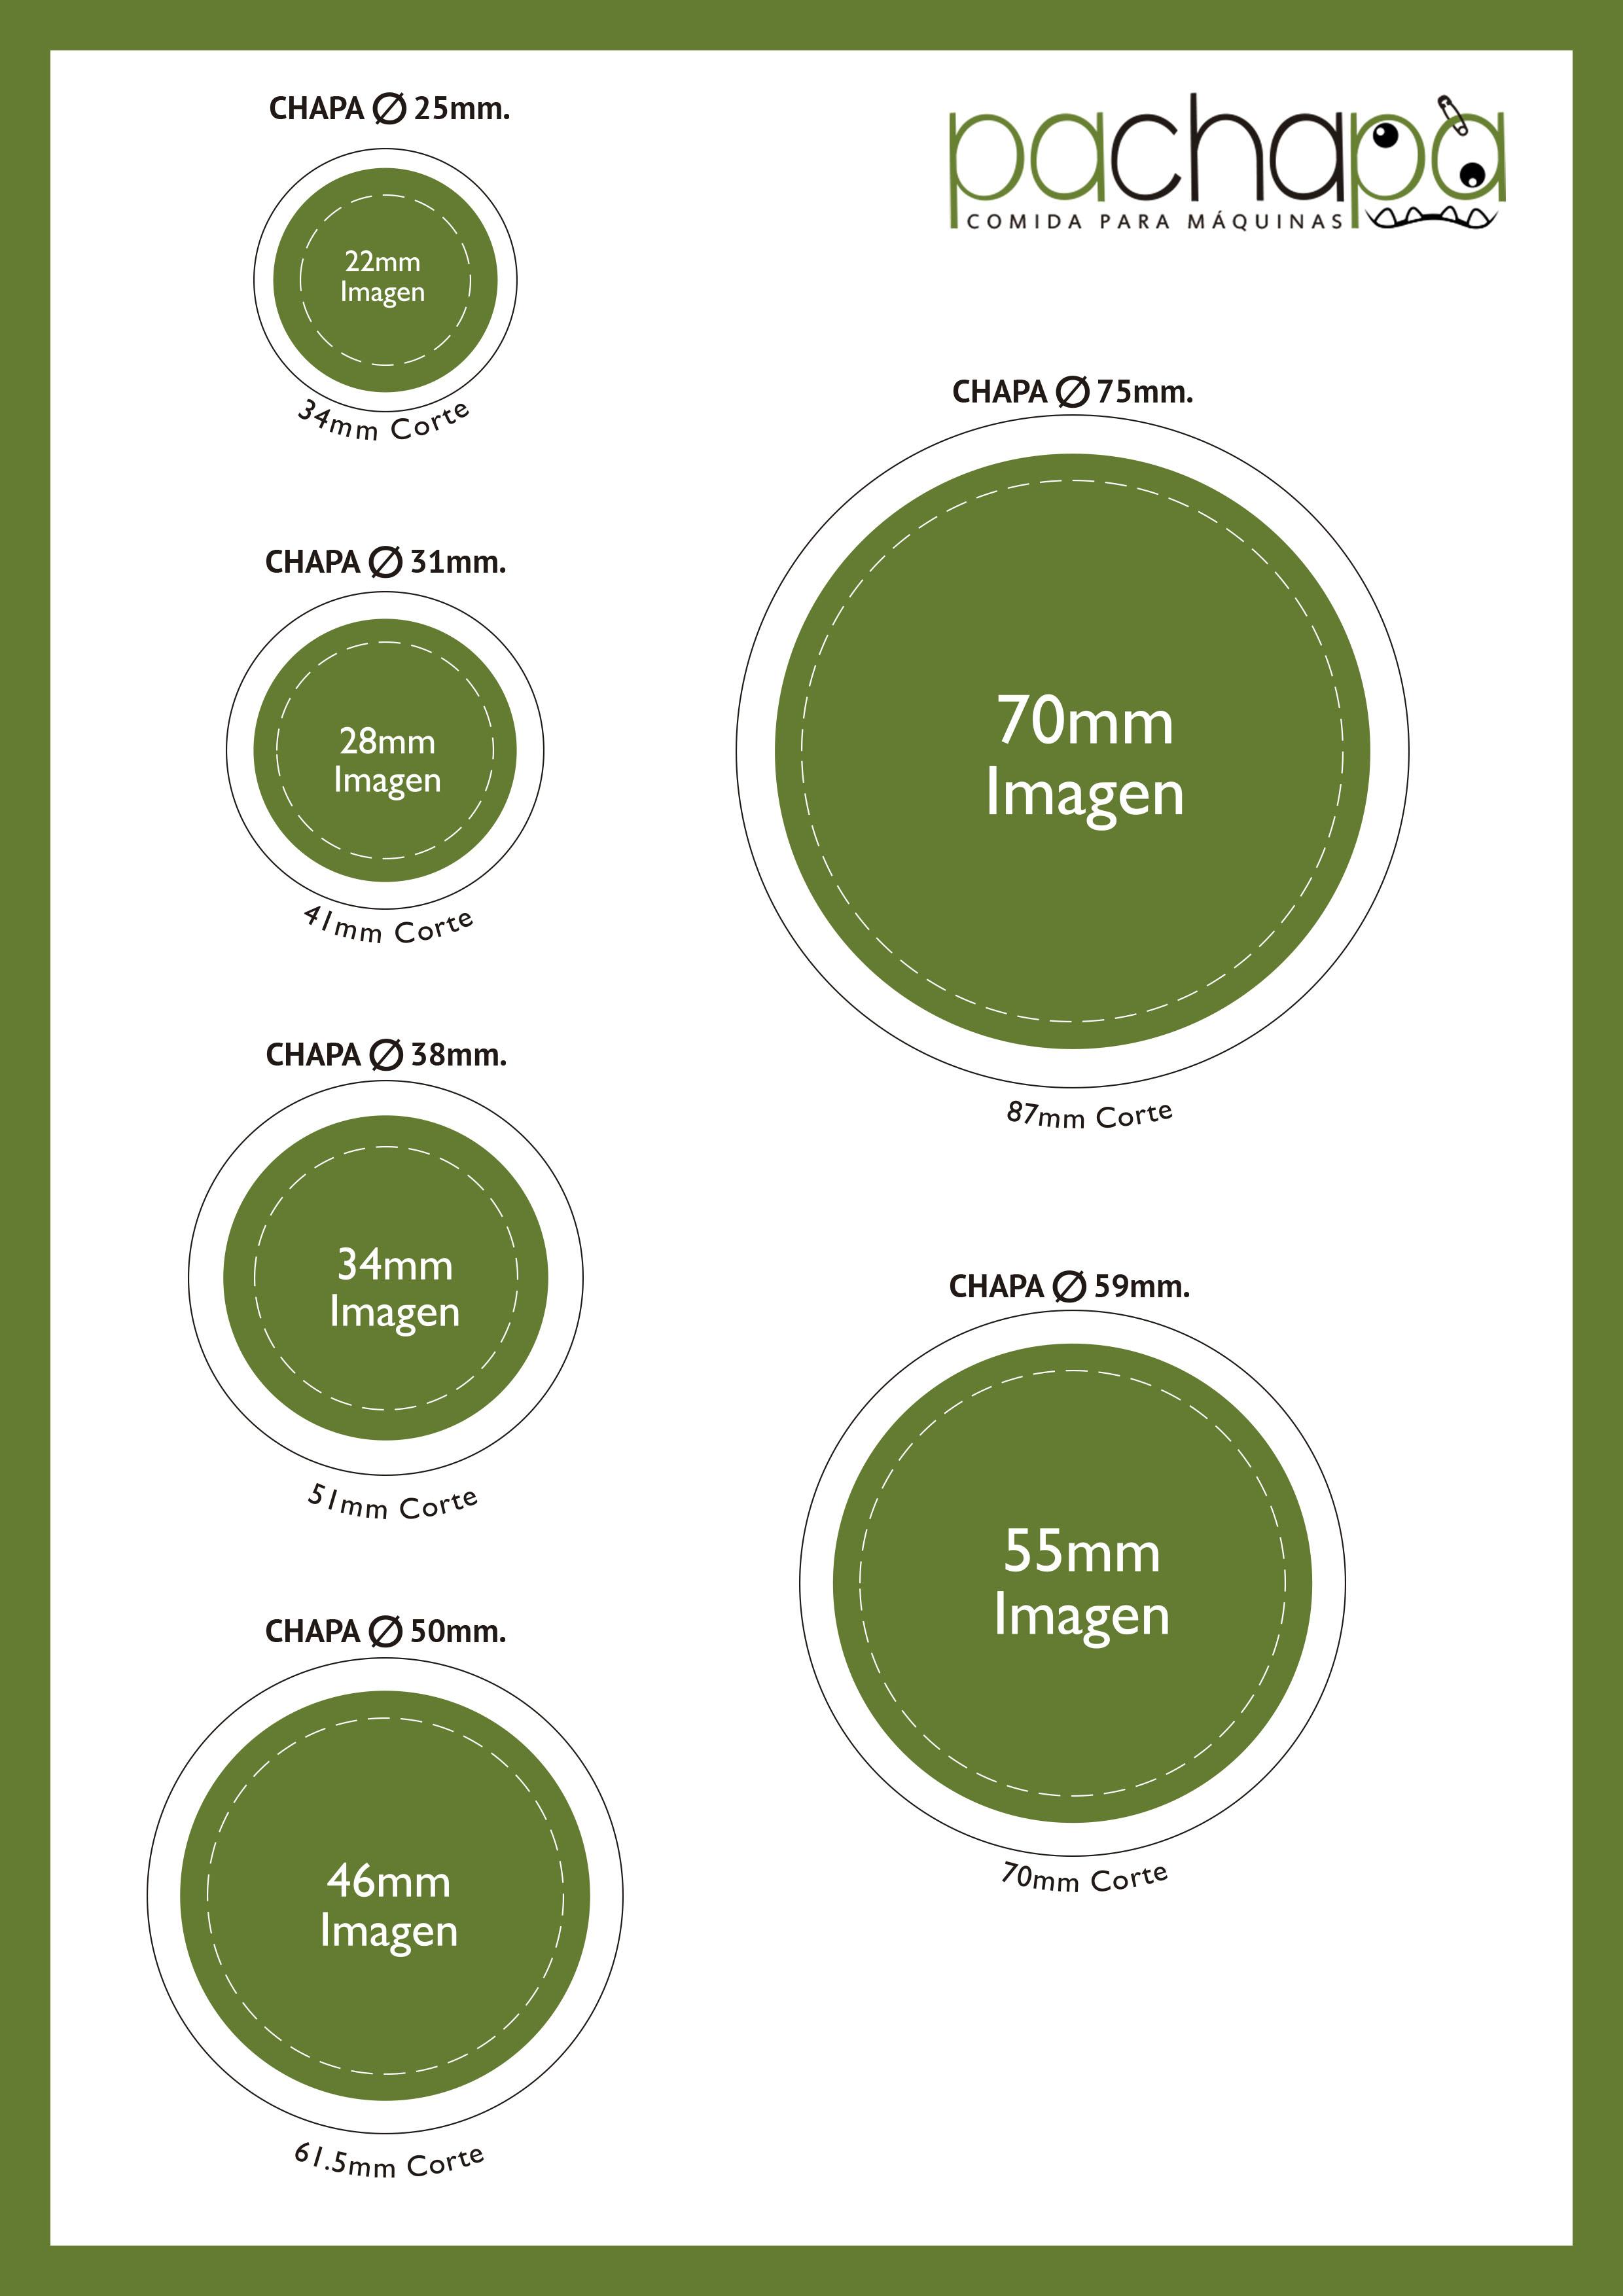 Plantillas para hacer chapas personalizadas de todos los tamaños